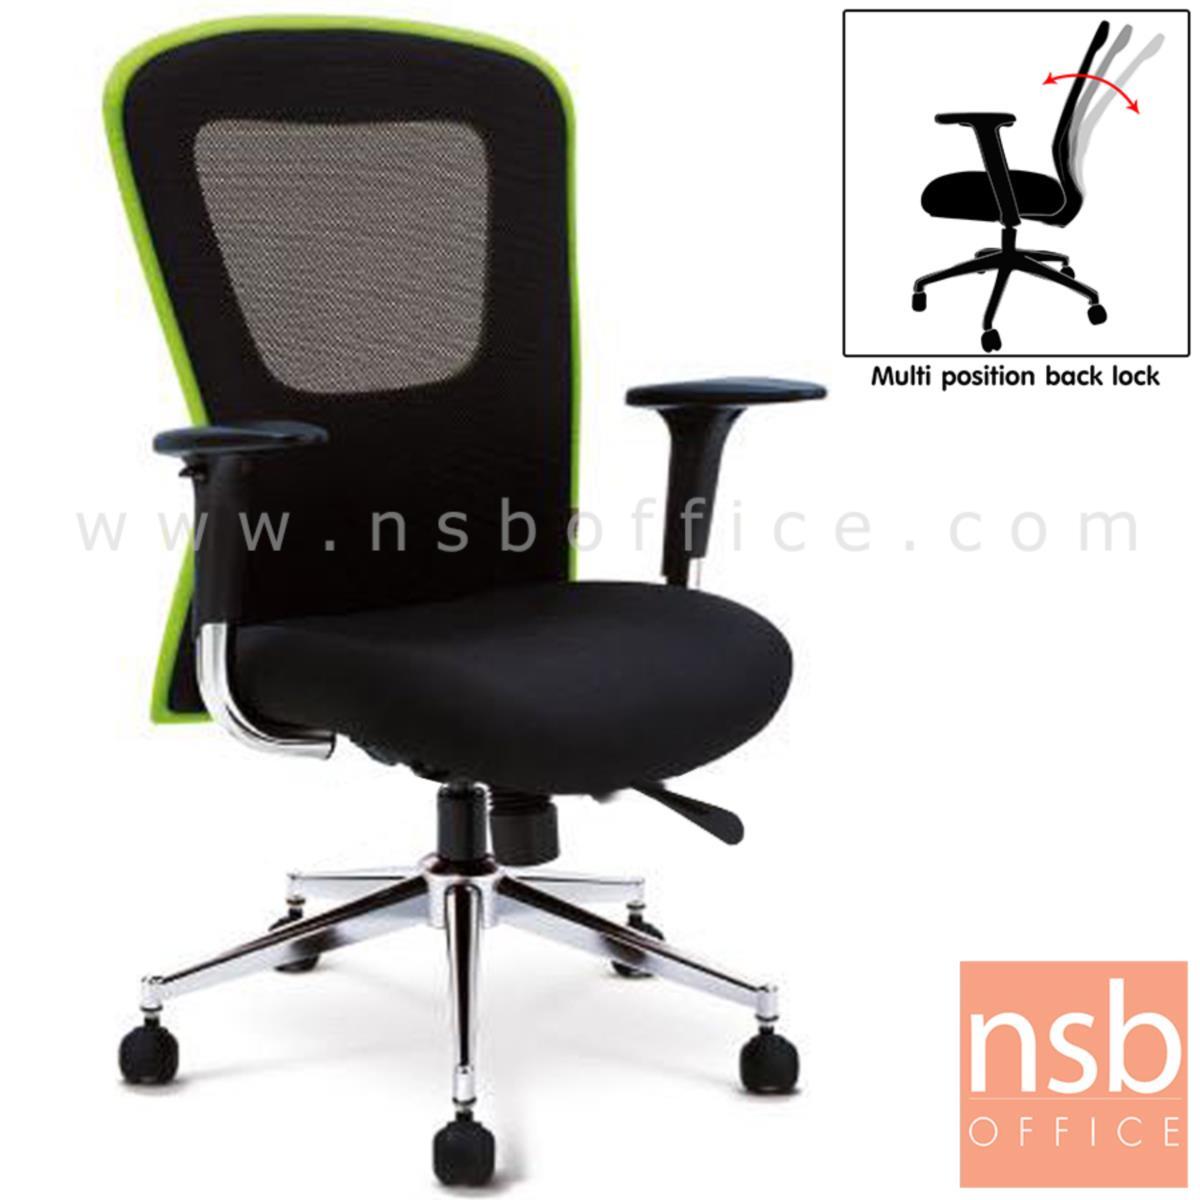 B28A005:เก้าอี้ผู้บริหารหลังเน็ต รุ่น leopard (แล็ปเพิร์ด)  โช๊คแก๊ส มีก้อนโยก ขาเหล็กชุบโครเมี่ยม